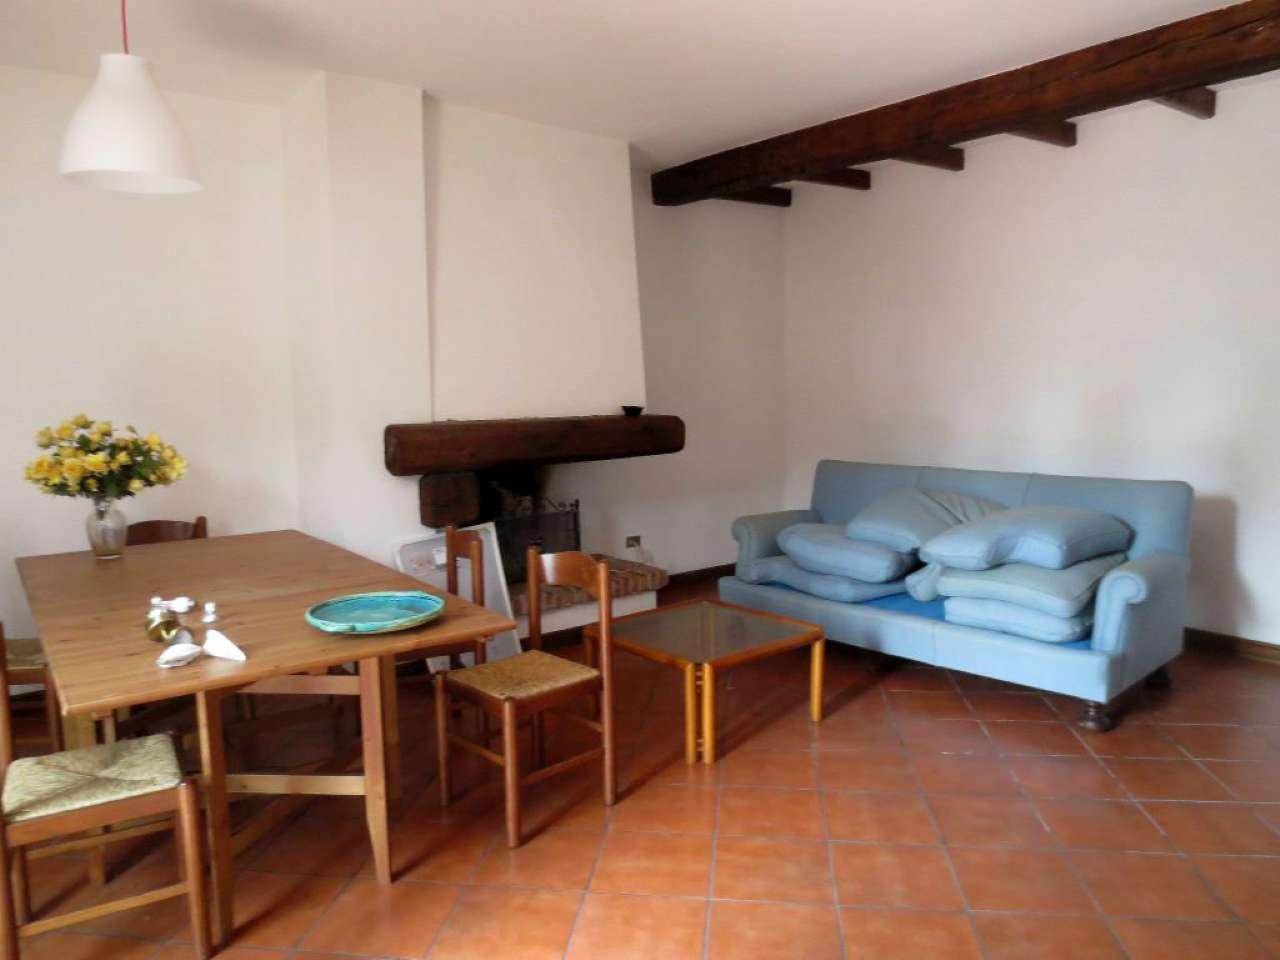 Villa in affitto a Torino, 4 locali, zona Zona: 5 . Collina, Precollina, Crimea, Borgo Po, Granmadre, Madonna del Pilone, prezzo € 1.300 | CambioCasa.it